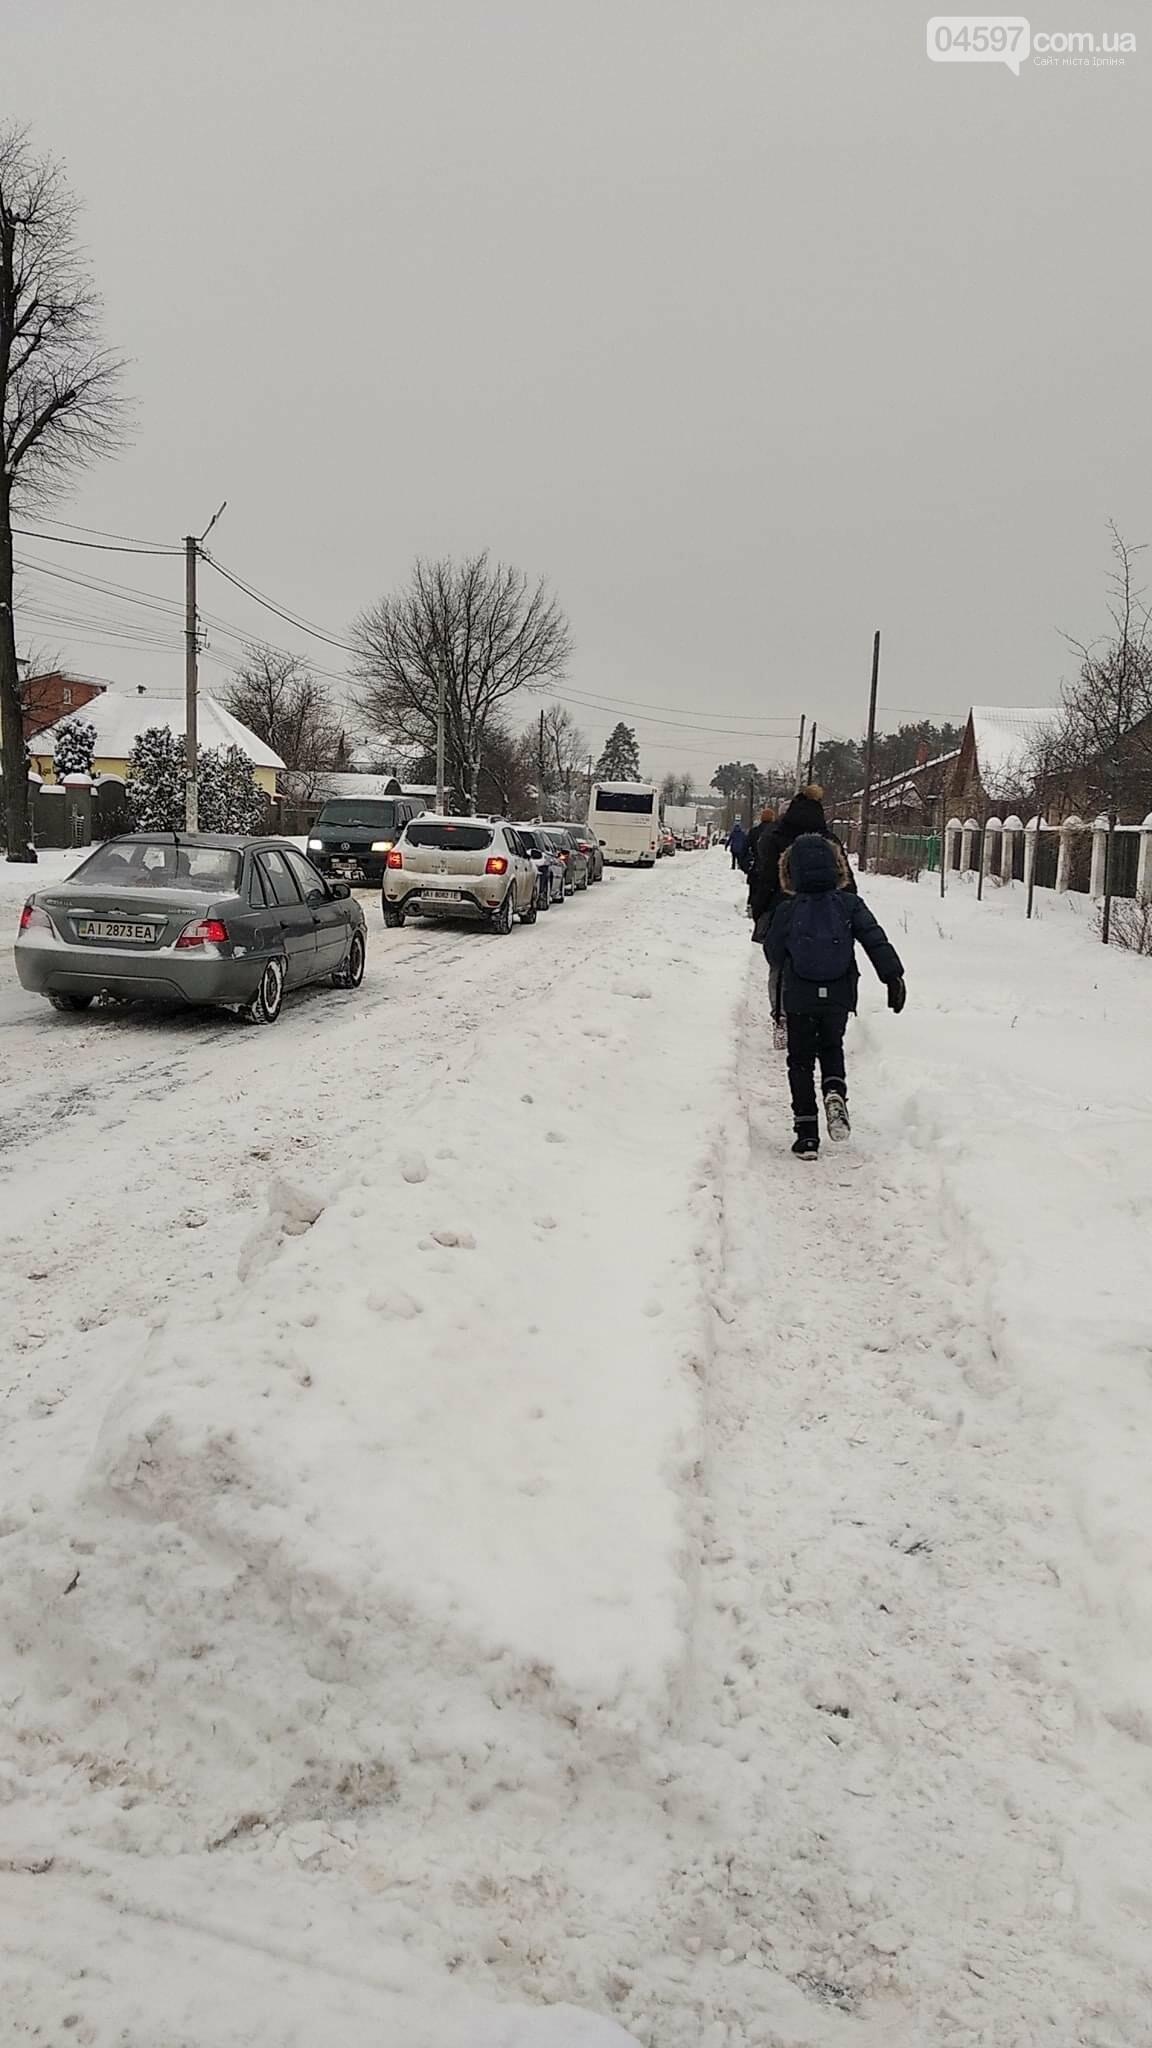 Транспортний колапс в Ірпені через сніг